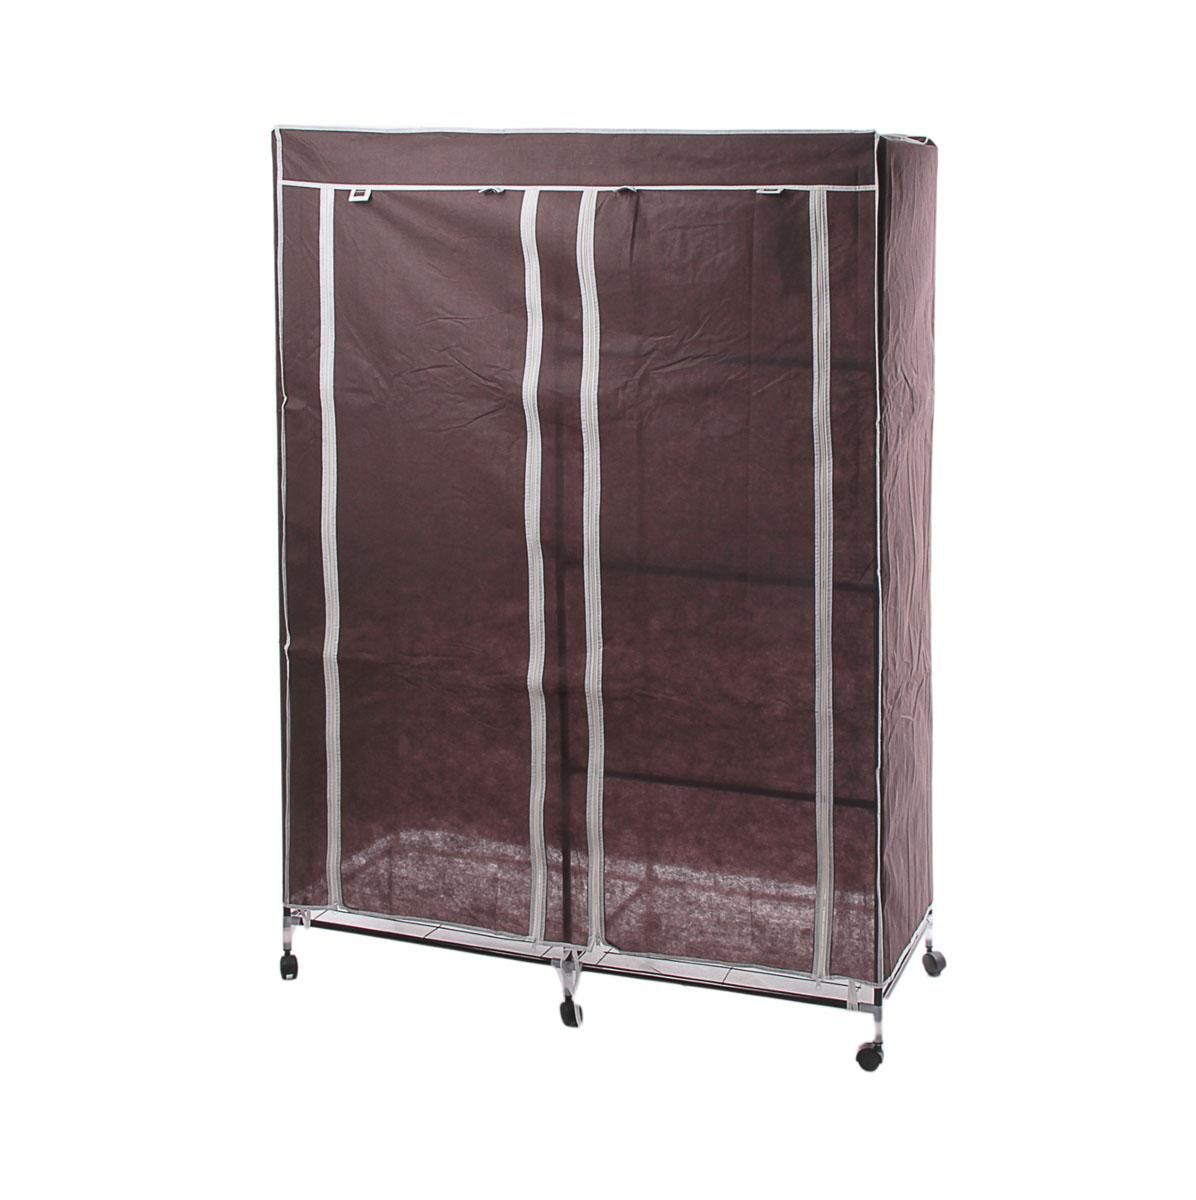 Мобильный шкаф для одежды Sima-land, цвет: коричневый, 120 х 50 х 175 см 178922852965Мобильный шкаф для одежды Sima-land, предназначенный для хранения одежды и других вещей, это отличное решение проблемы, когда наблюдается явный дефицит места или есть временная необходимость. Складной тканевый шкаф - это мобильная конструкция, состоящая из сборного металлического каркаса, на который натянут чехол из нетканого полотна. Корпус шкафа сделан из легкой, но прочной стали, а обивка из полиэстера, который можно легко стирать в стиральной машинке. Шкаф оснащен двумя отделами с текстильными дверями, которые закрываются на застежки-молнии. Чтобы открыть шкаф вы можете скрутить двери и зафиксировать их наверху с помощью ремешков на липучках. В одном отделе присутствует перекладина для хранения вещей на вешалках, во втором отделе - 3 вместительные полки. Изделие снабжено колесиками для удобной транспортировки.